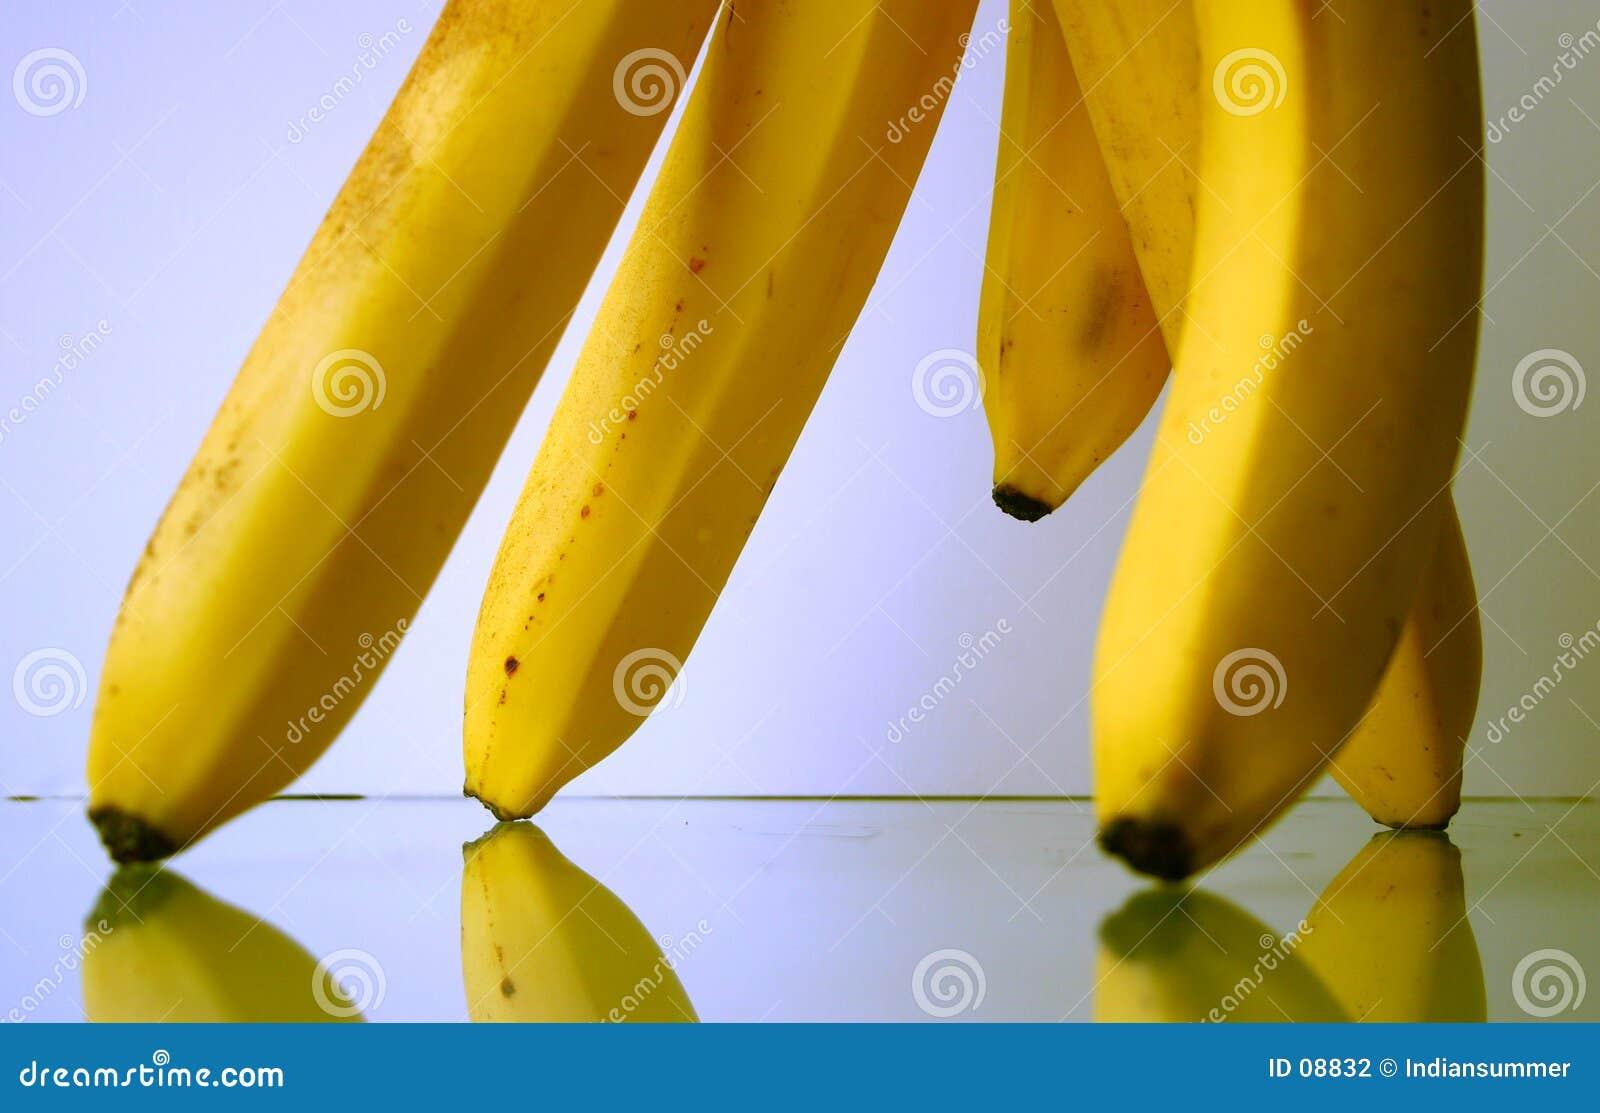 Desfile II de los plátanos